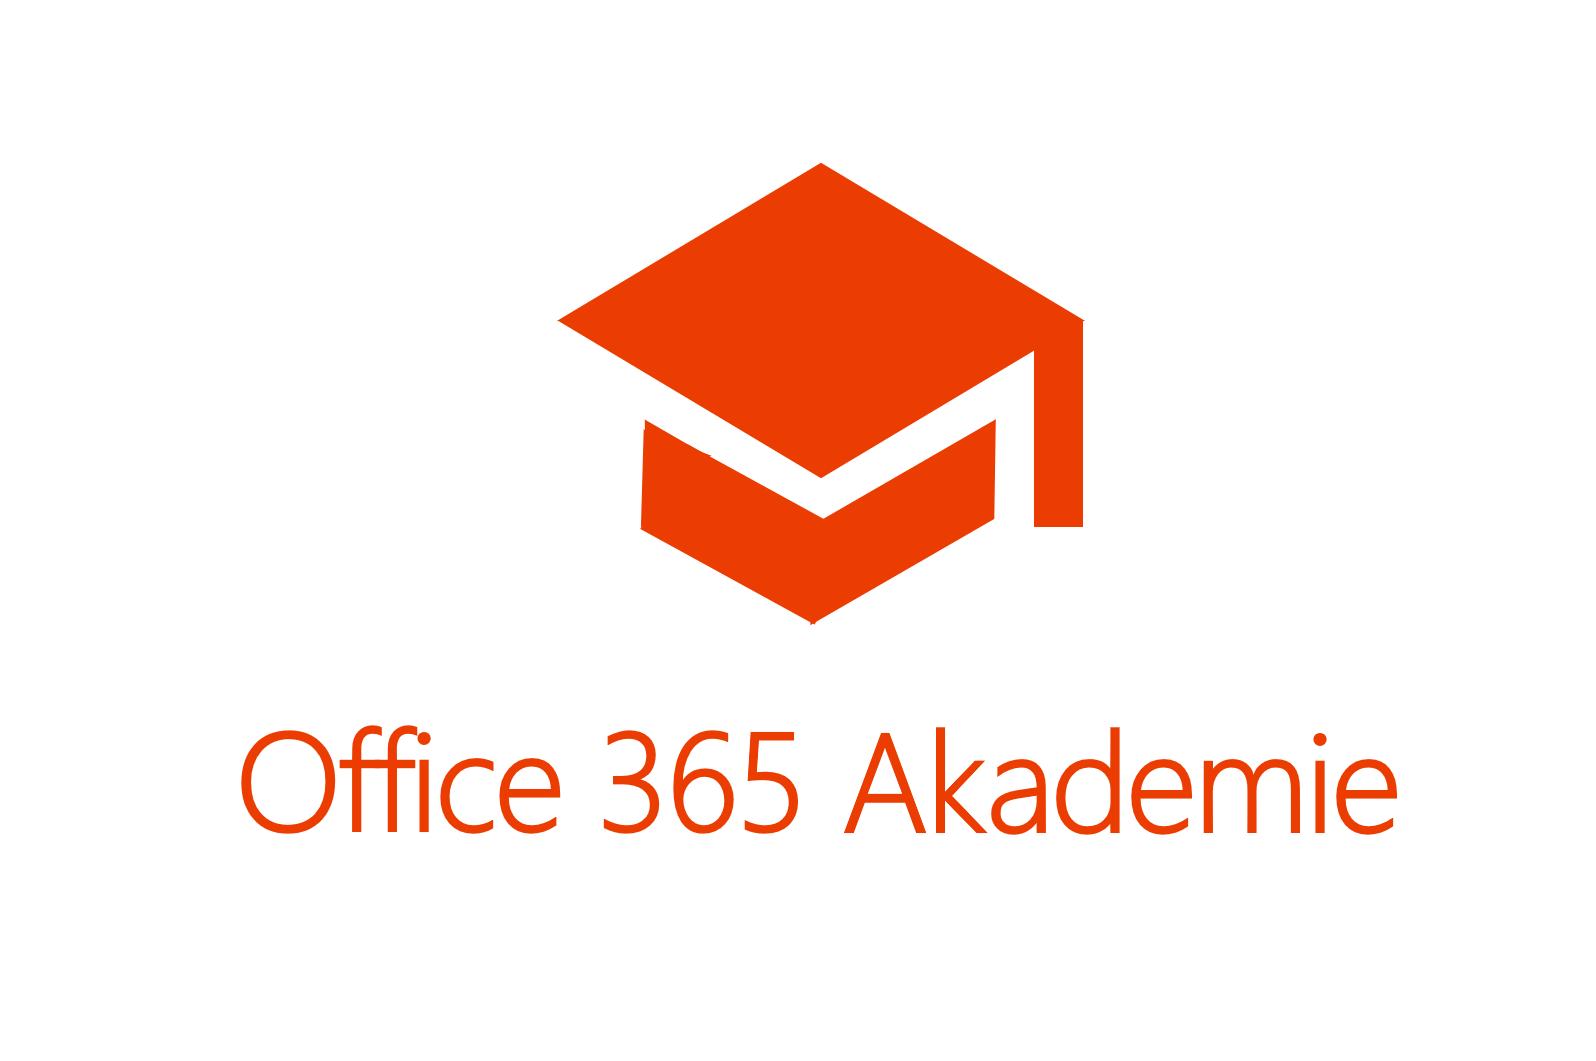 Produktiver Arbeiten mit Office 365 - mehr Infos: www.office365akademie.de/produktiver-arbeiten/